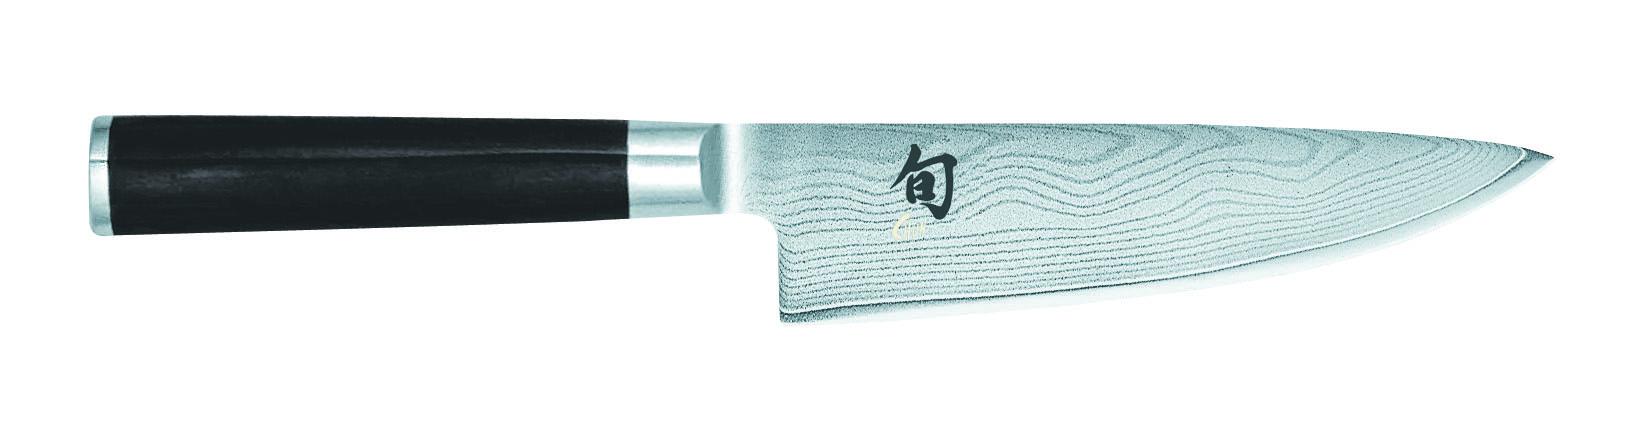 Damaškový nôž šéfkuchára Shun DM-0723